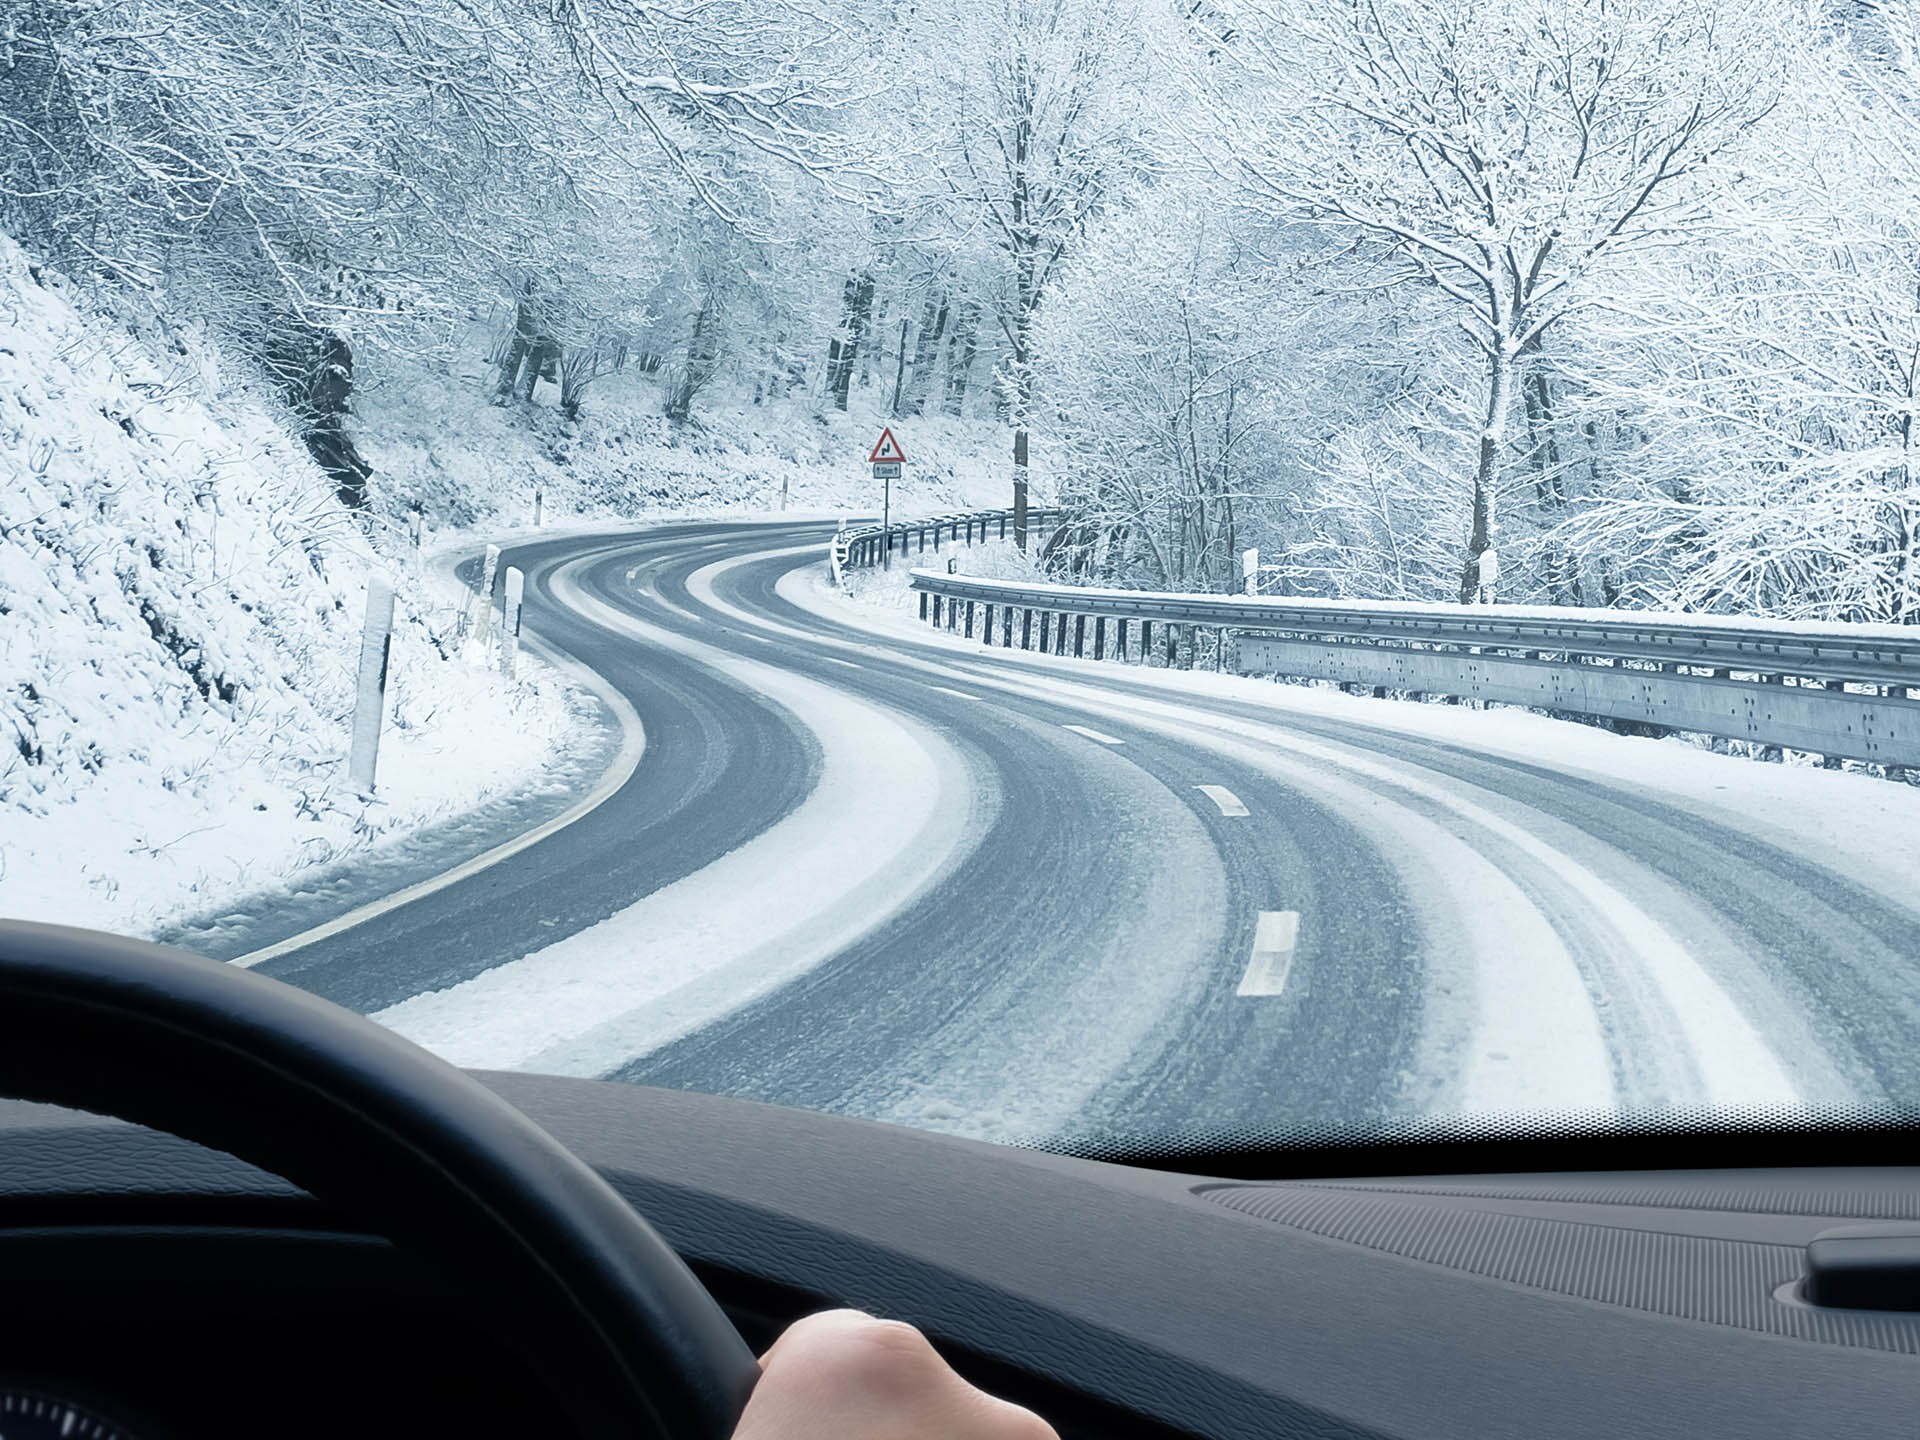 Авито Авто: остаться дома или поехать в автопутешествие? Как россияне проведут зимние праздники